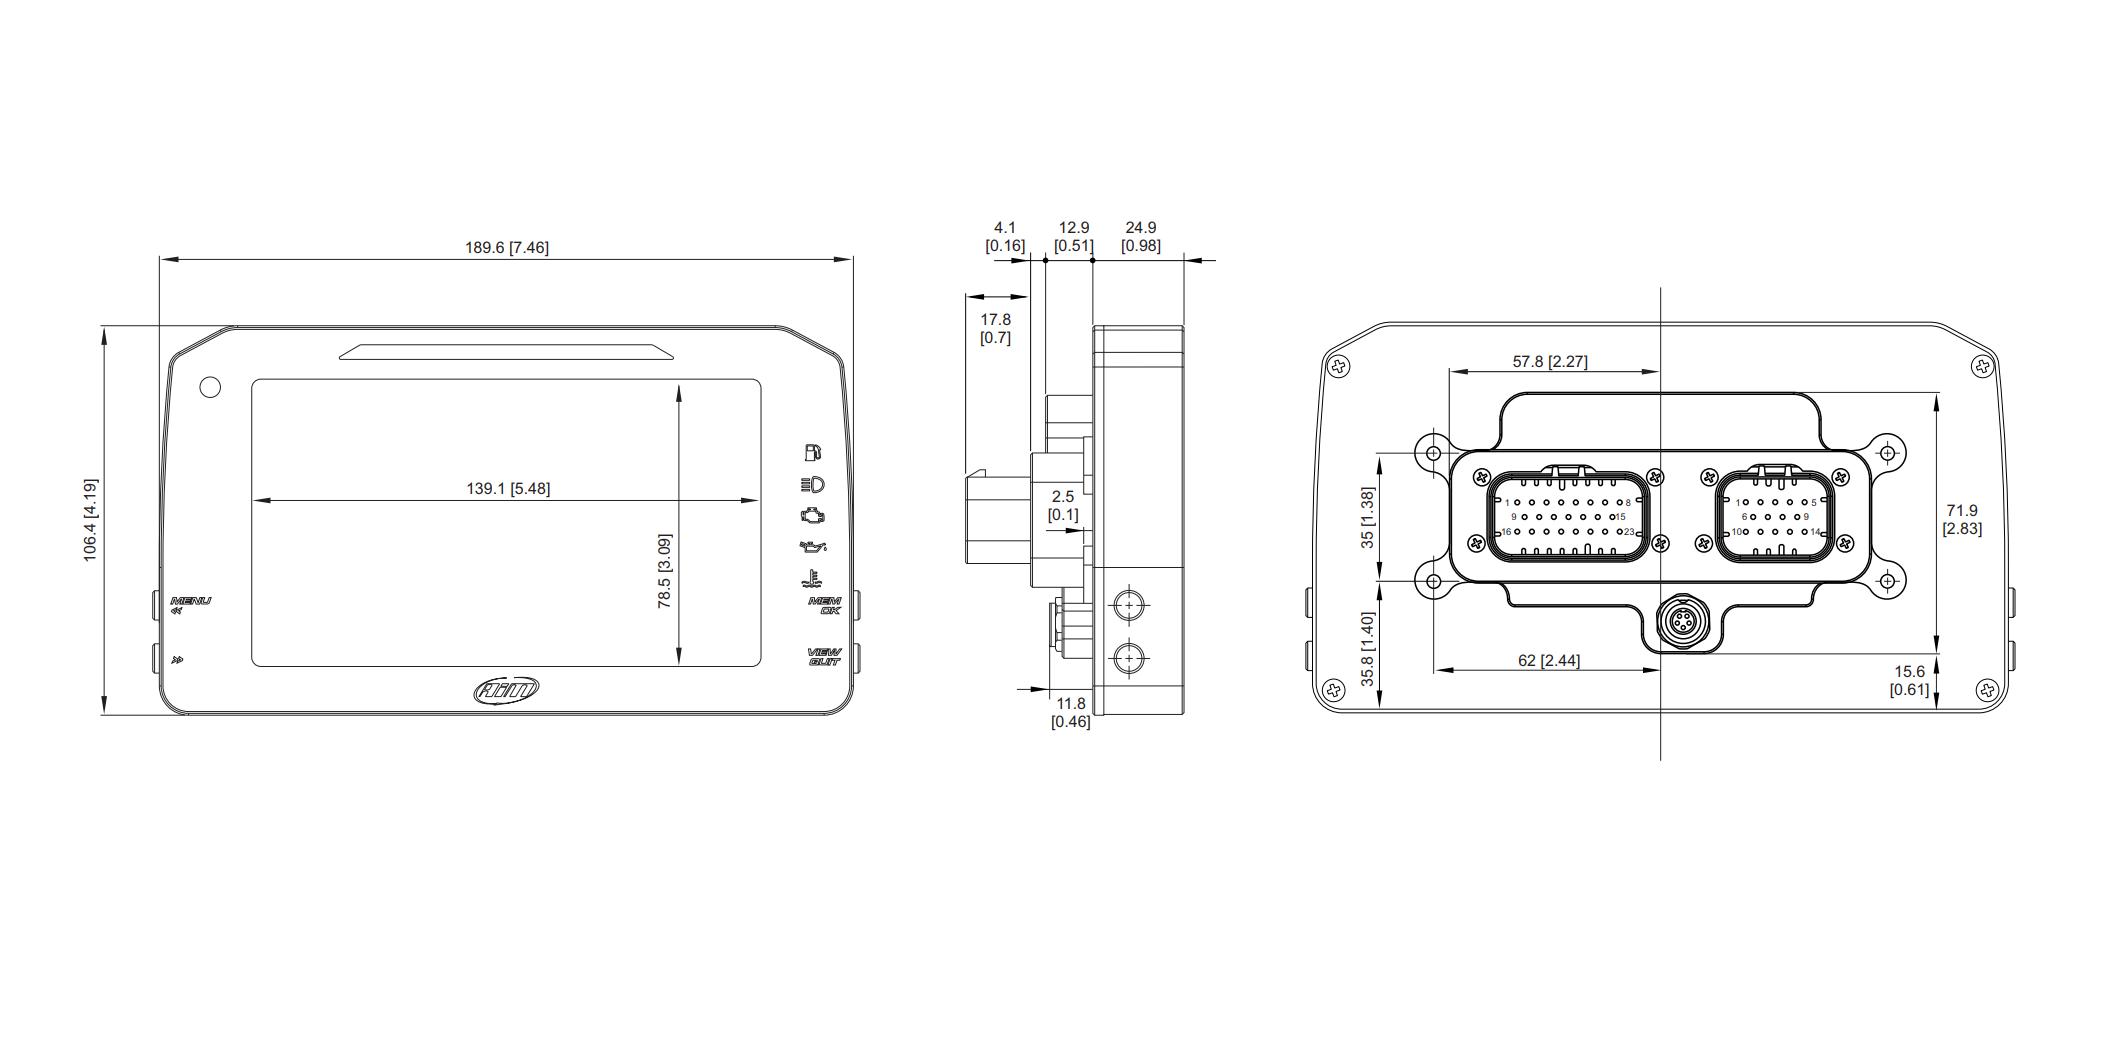 AIM MXP Strada Digital Dash Dimensions